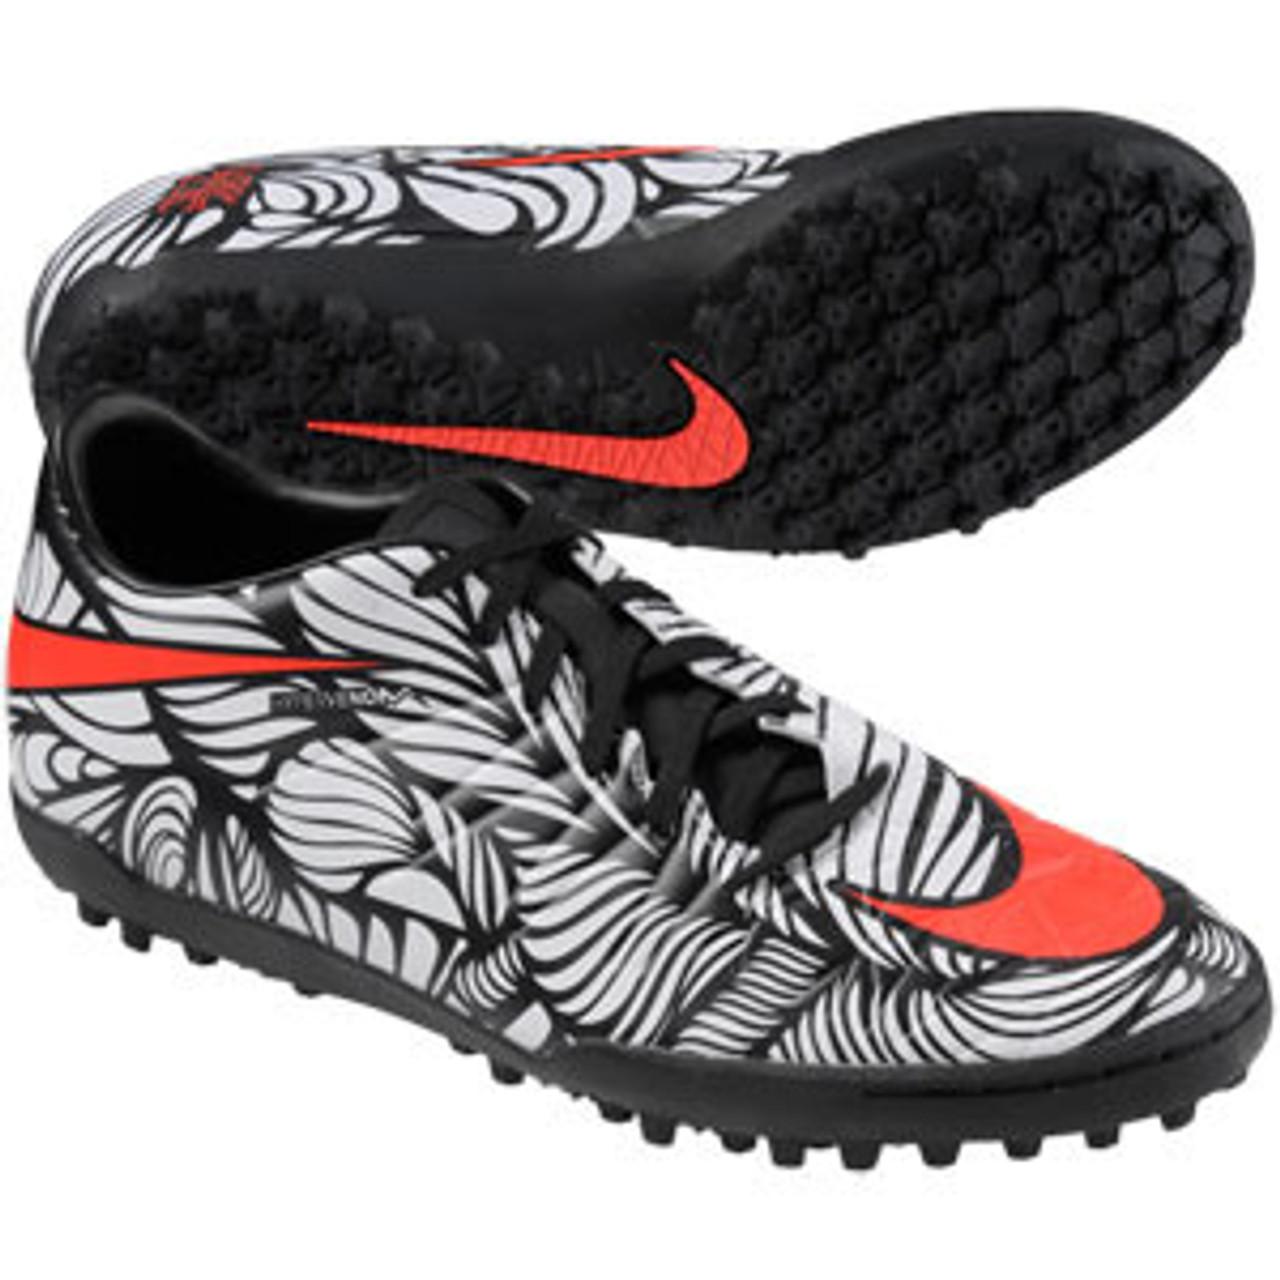 paso Hobart Fiordo  NIKE HYPERVENOM PHELON II NJR TF turf soccer shoes black/crimson - Soccer  Plus